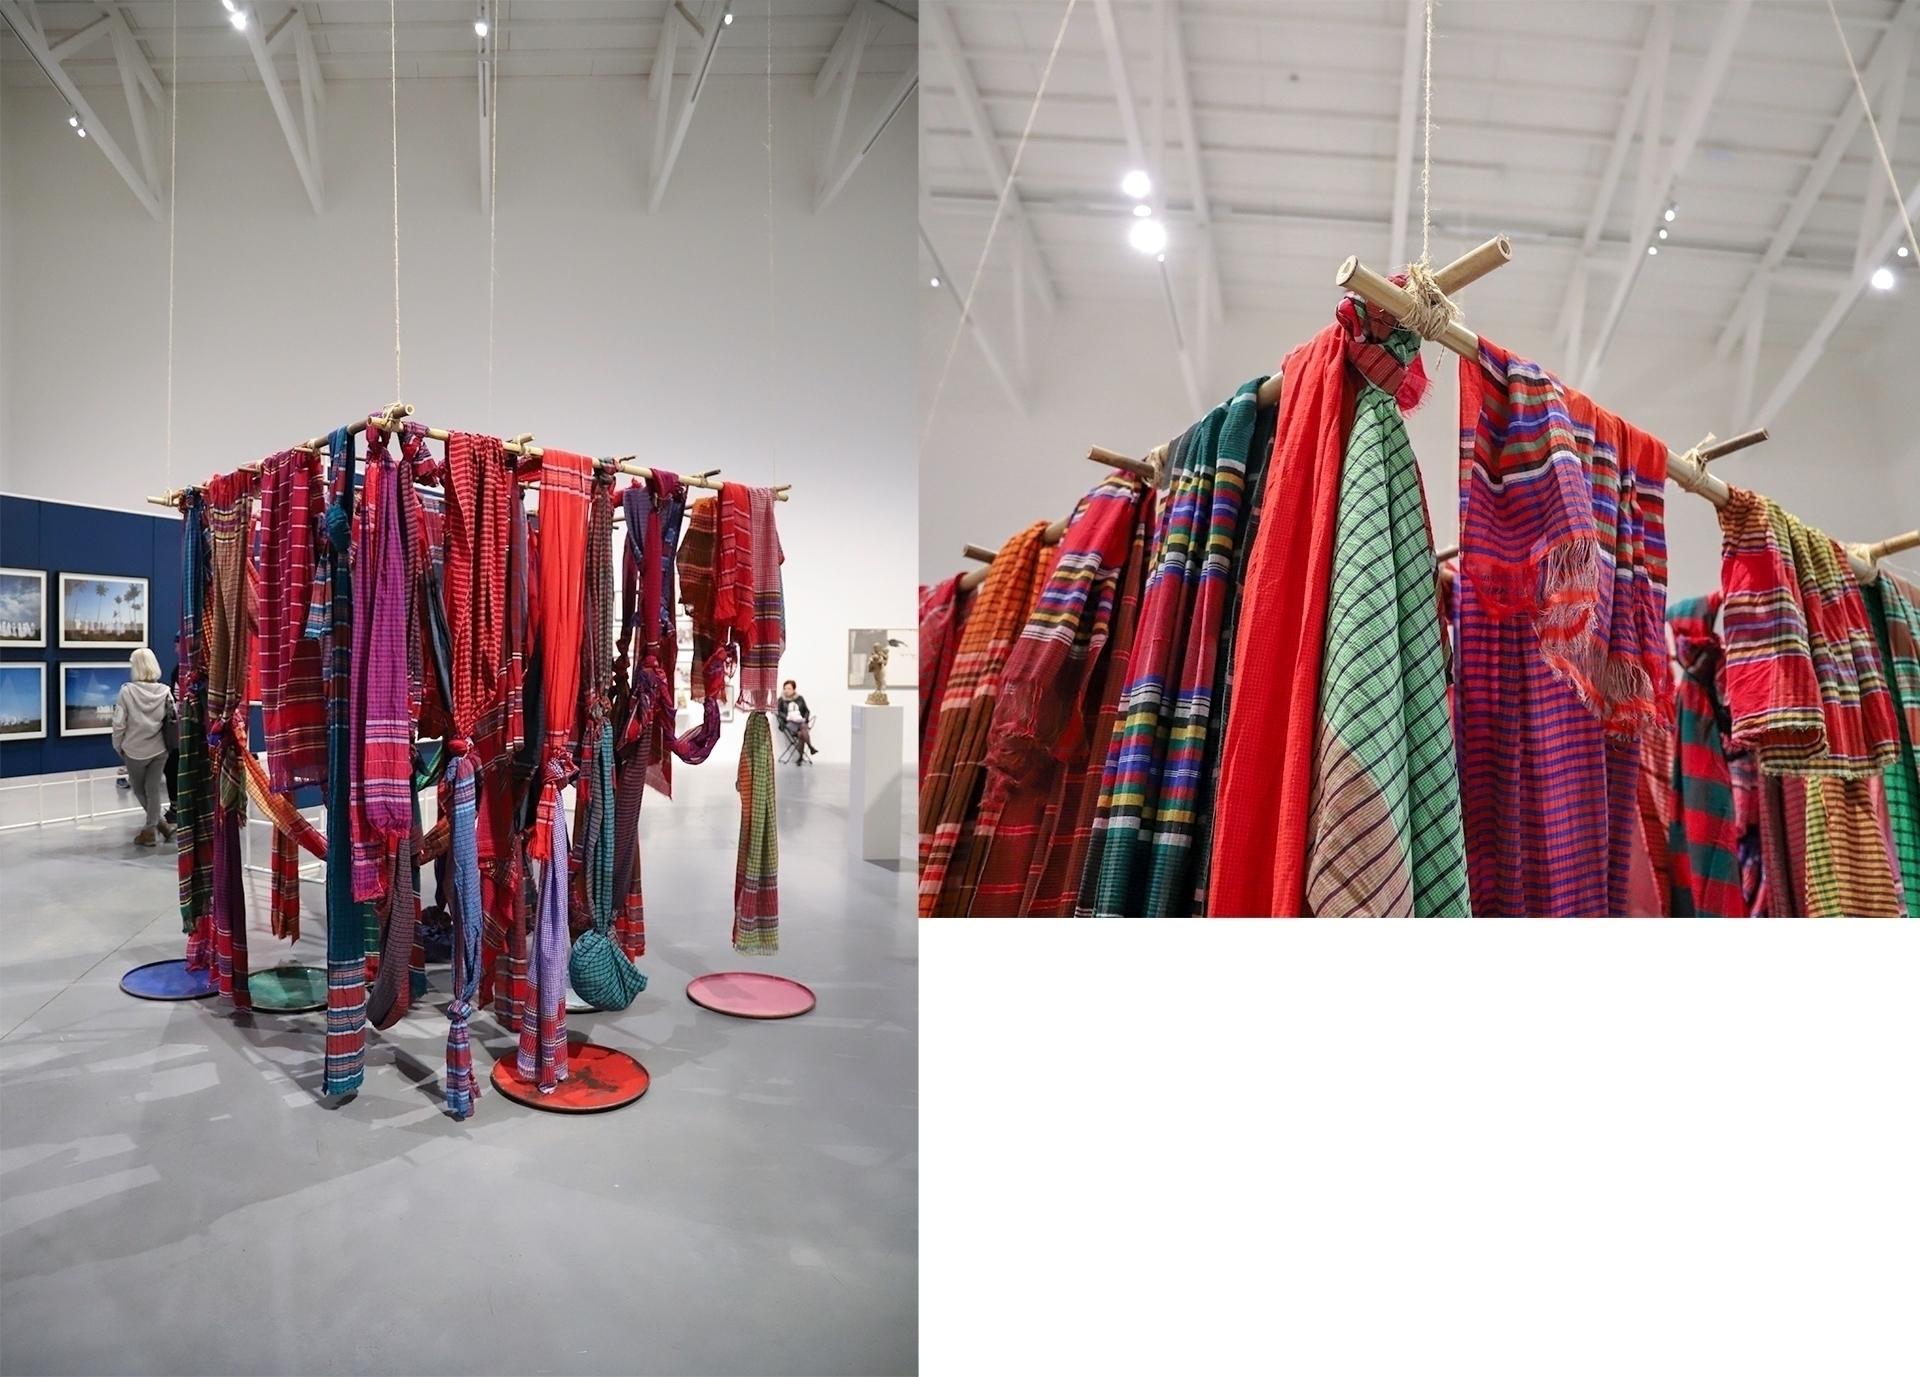 Obraz przedstawia dwa zdjęcia. Na jednym widzimy przestrzeń muzeum z rzeźbą złożoną z kolorowych chust. Druga fotografia to zbliżenie na fragment rzeźby.